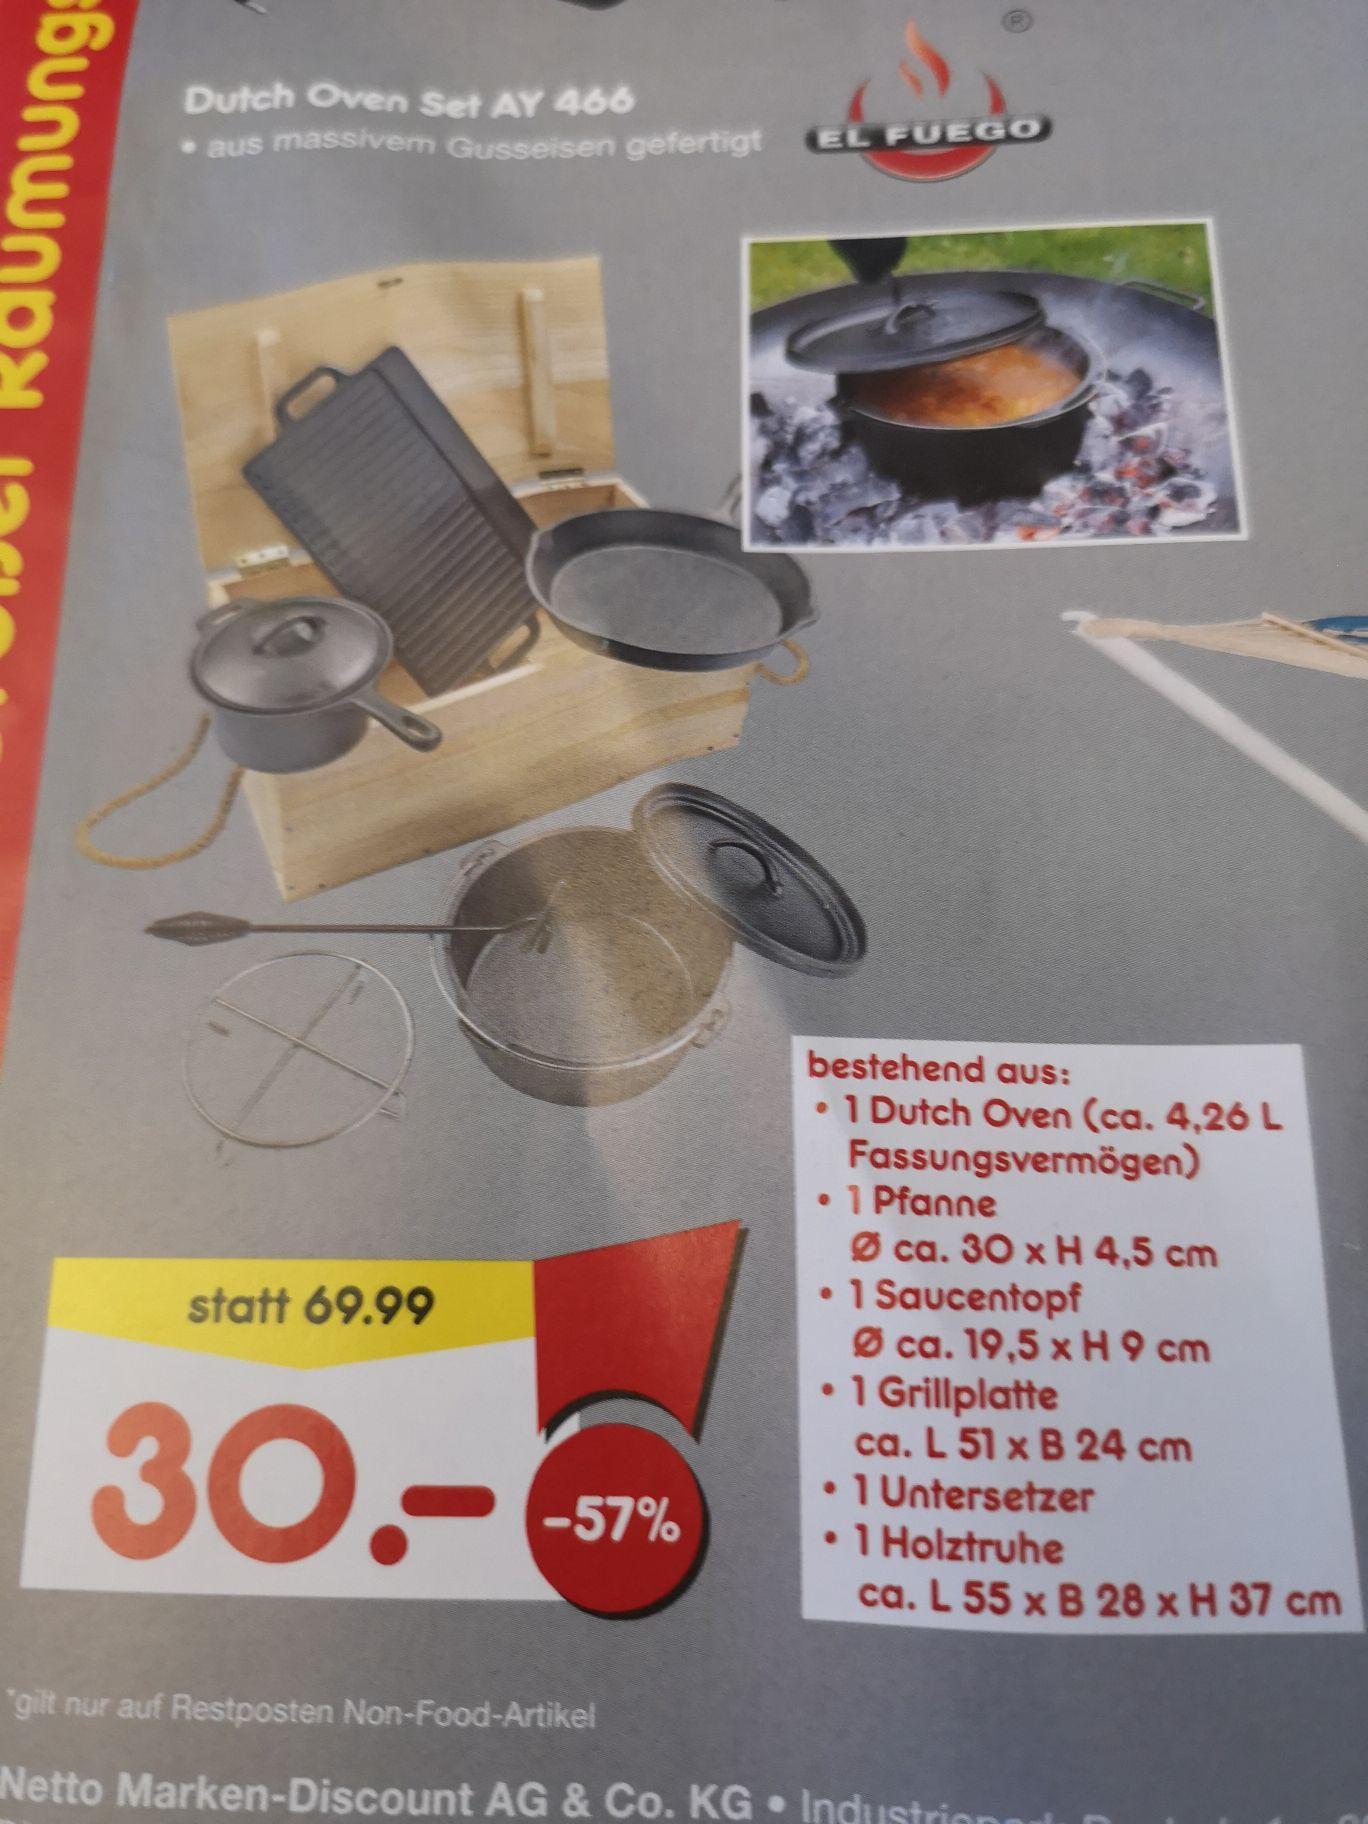 [Lokal] El Fuego Dutch Oven Set AY 466 - Netto MD